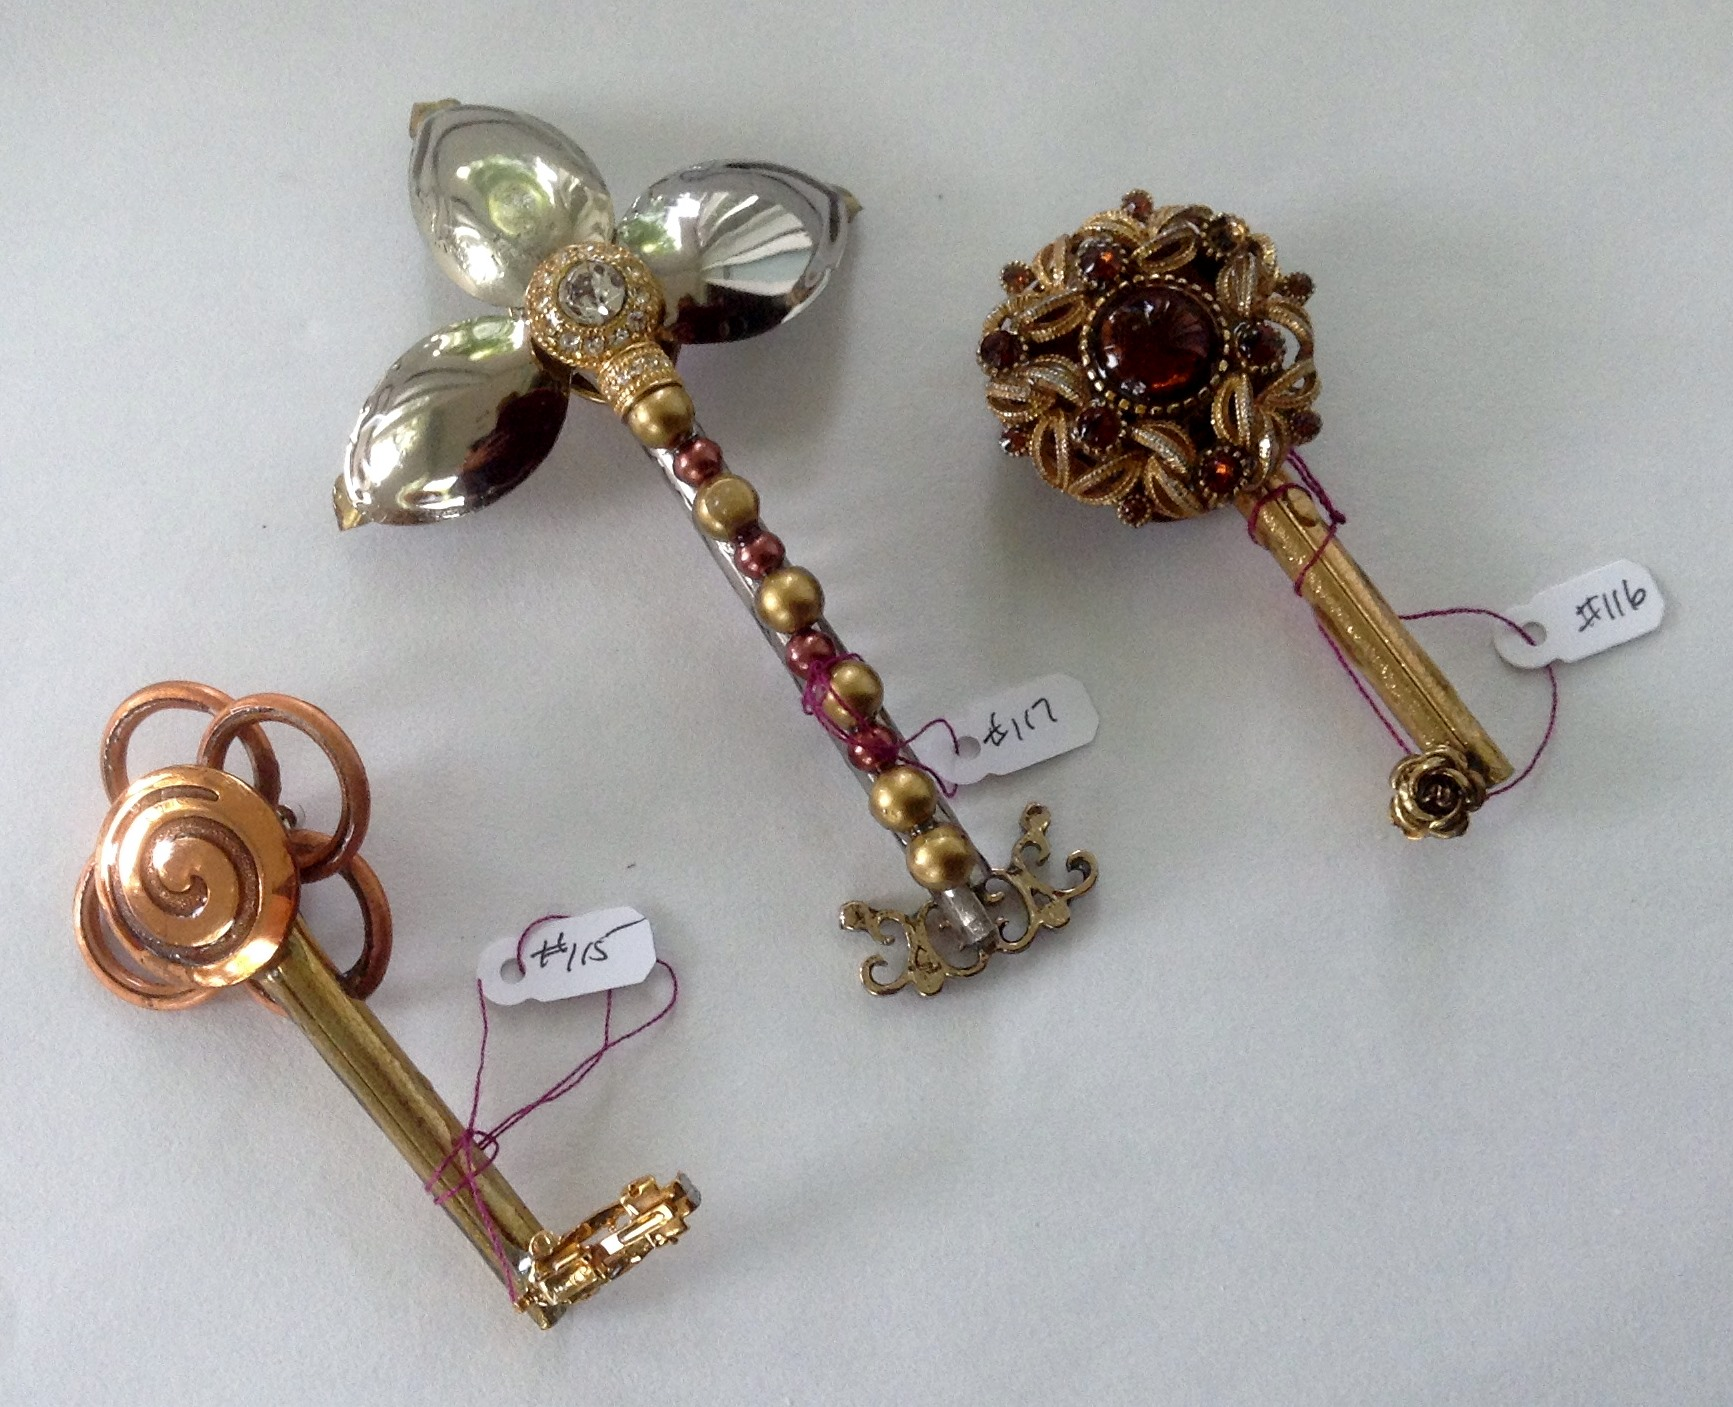 one side keys 115, 116, 117